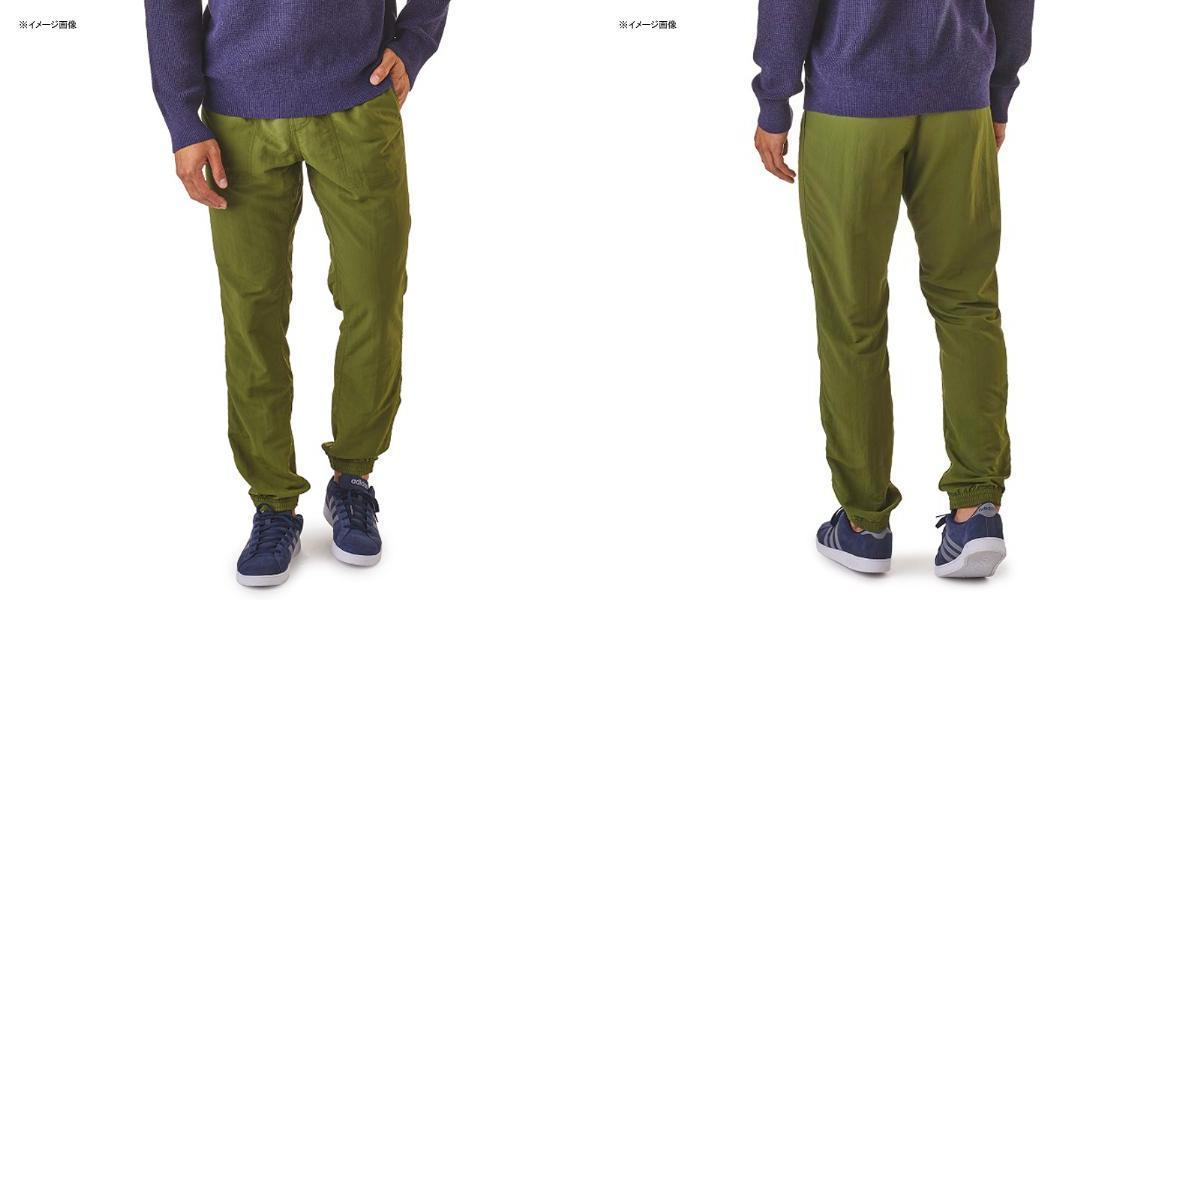 パタゴニア(patagonia) M's Baggies Pants(メンズ バギーズ パンツ) S SPTG(Sproutedgreen) 55211